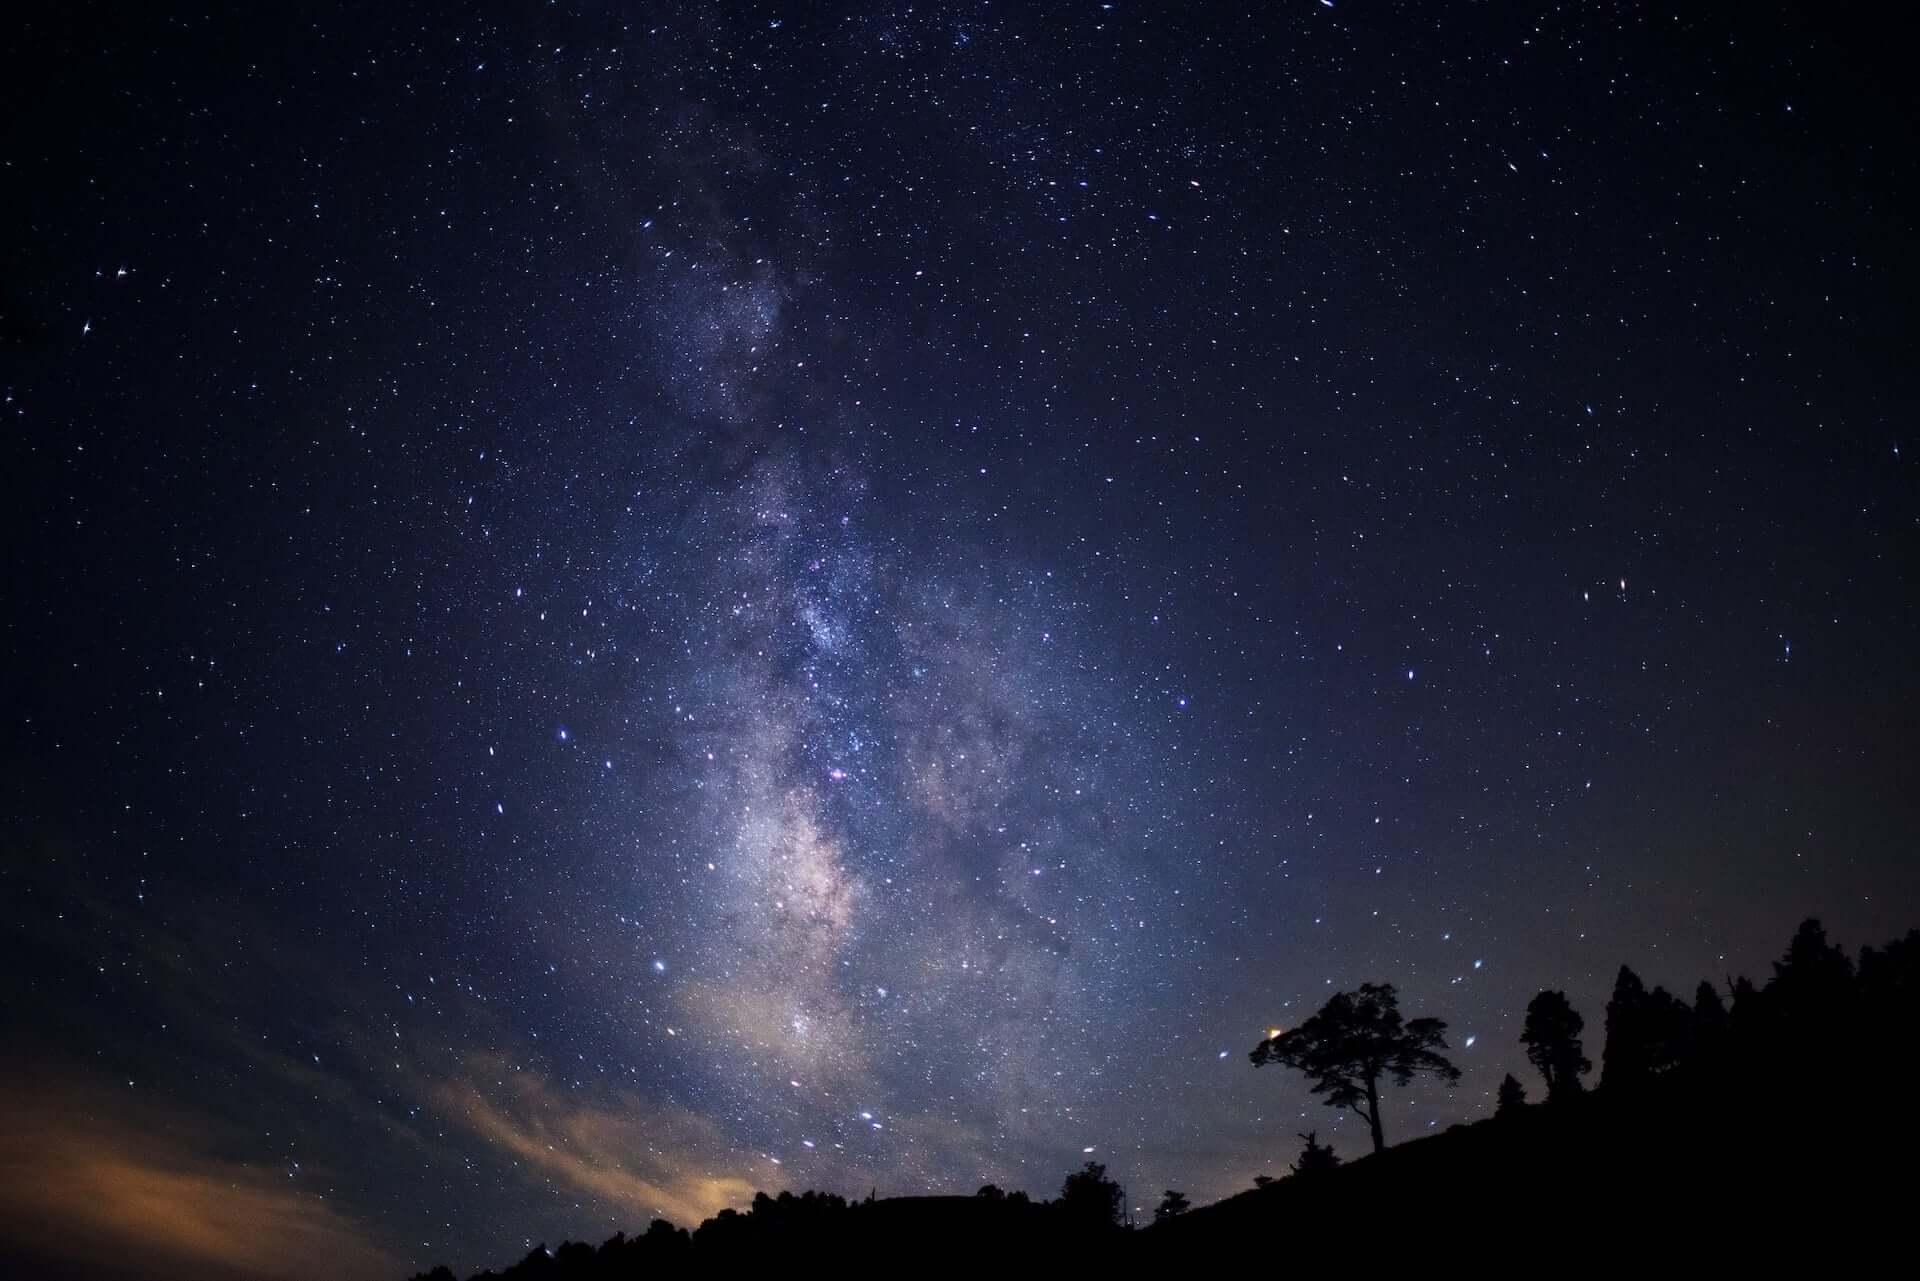 自宅で星空観賞や温泉気分を楽しめる!日本一の星空の村・阿智村の昼神温泉がプレゼントキャンペーンを開始 art200513_hirugami_onsen_3-1920x1281